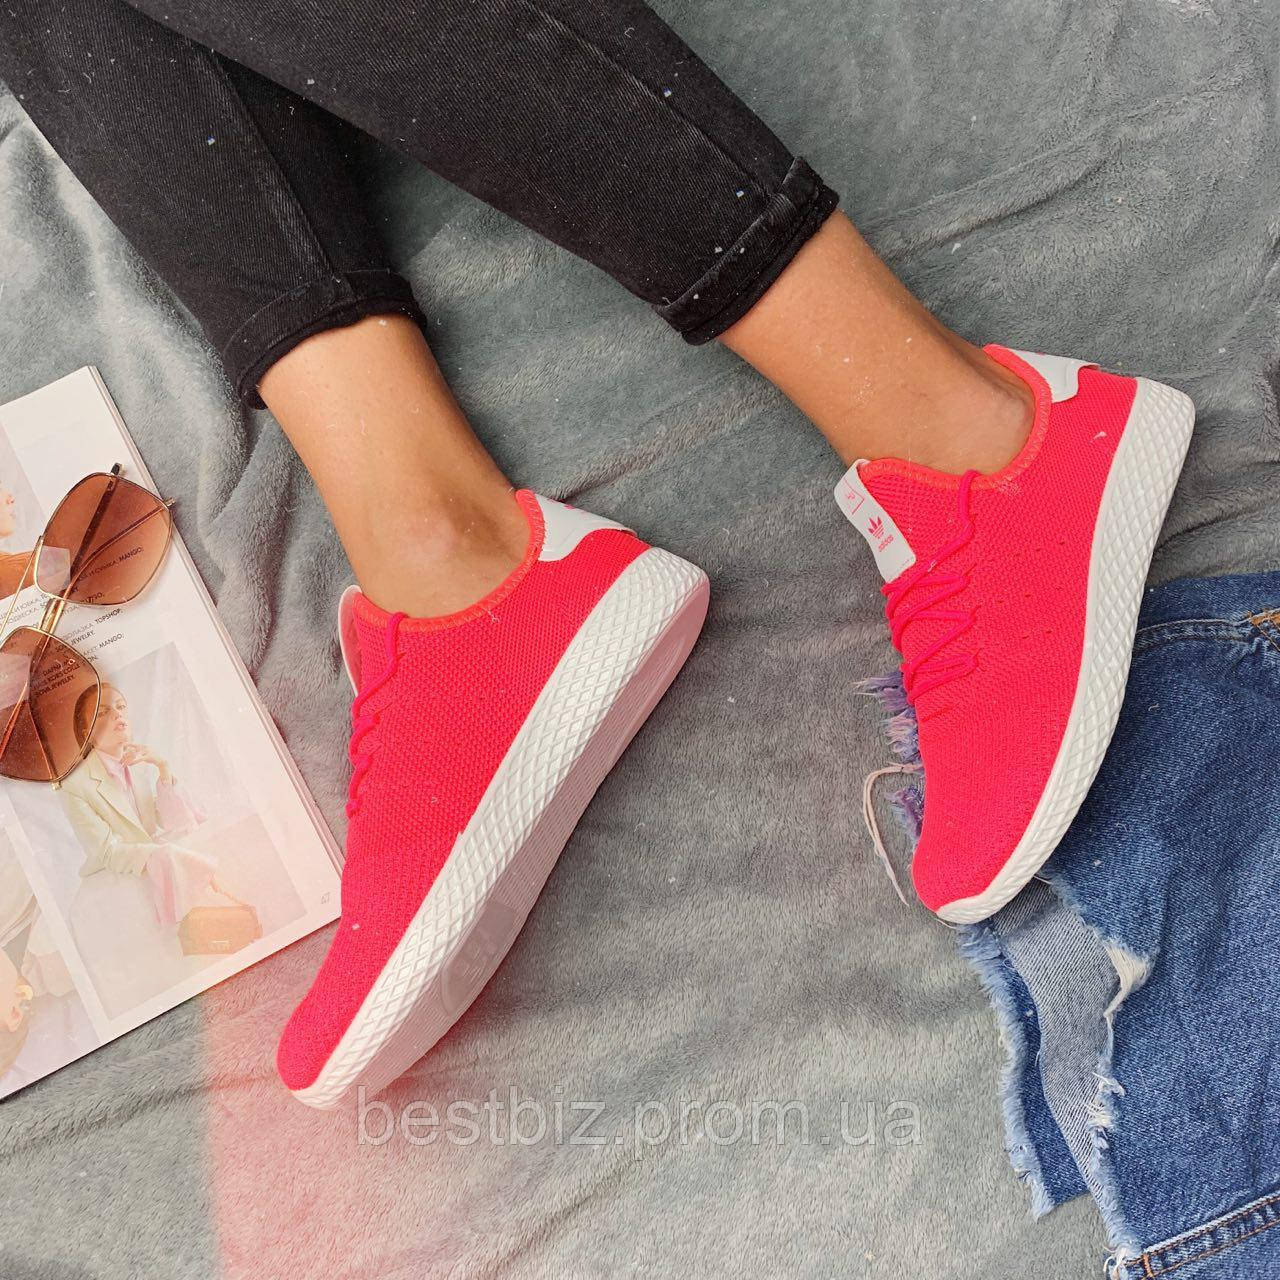 Кросівки Adidas Pharrell Williams 30776 ⏩ [38 останній розмір ]